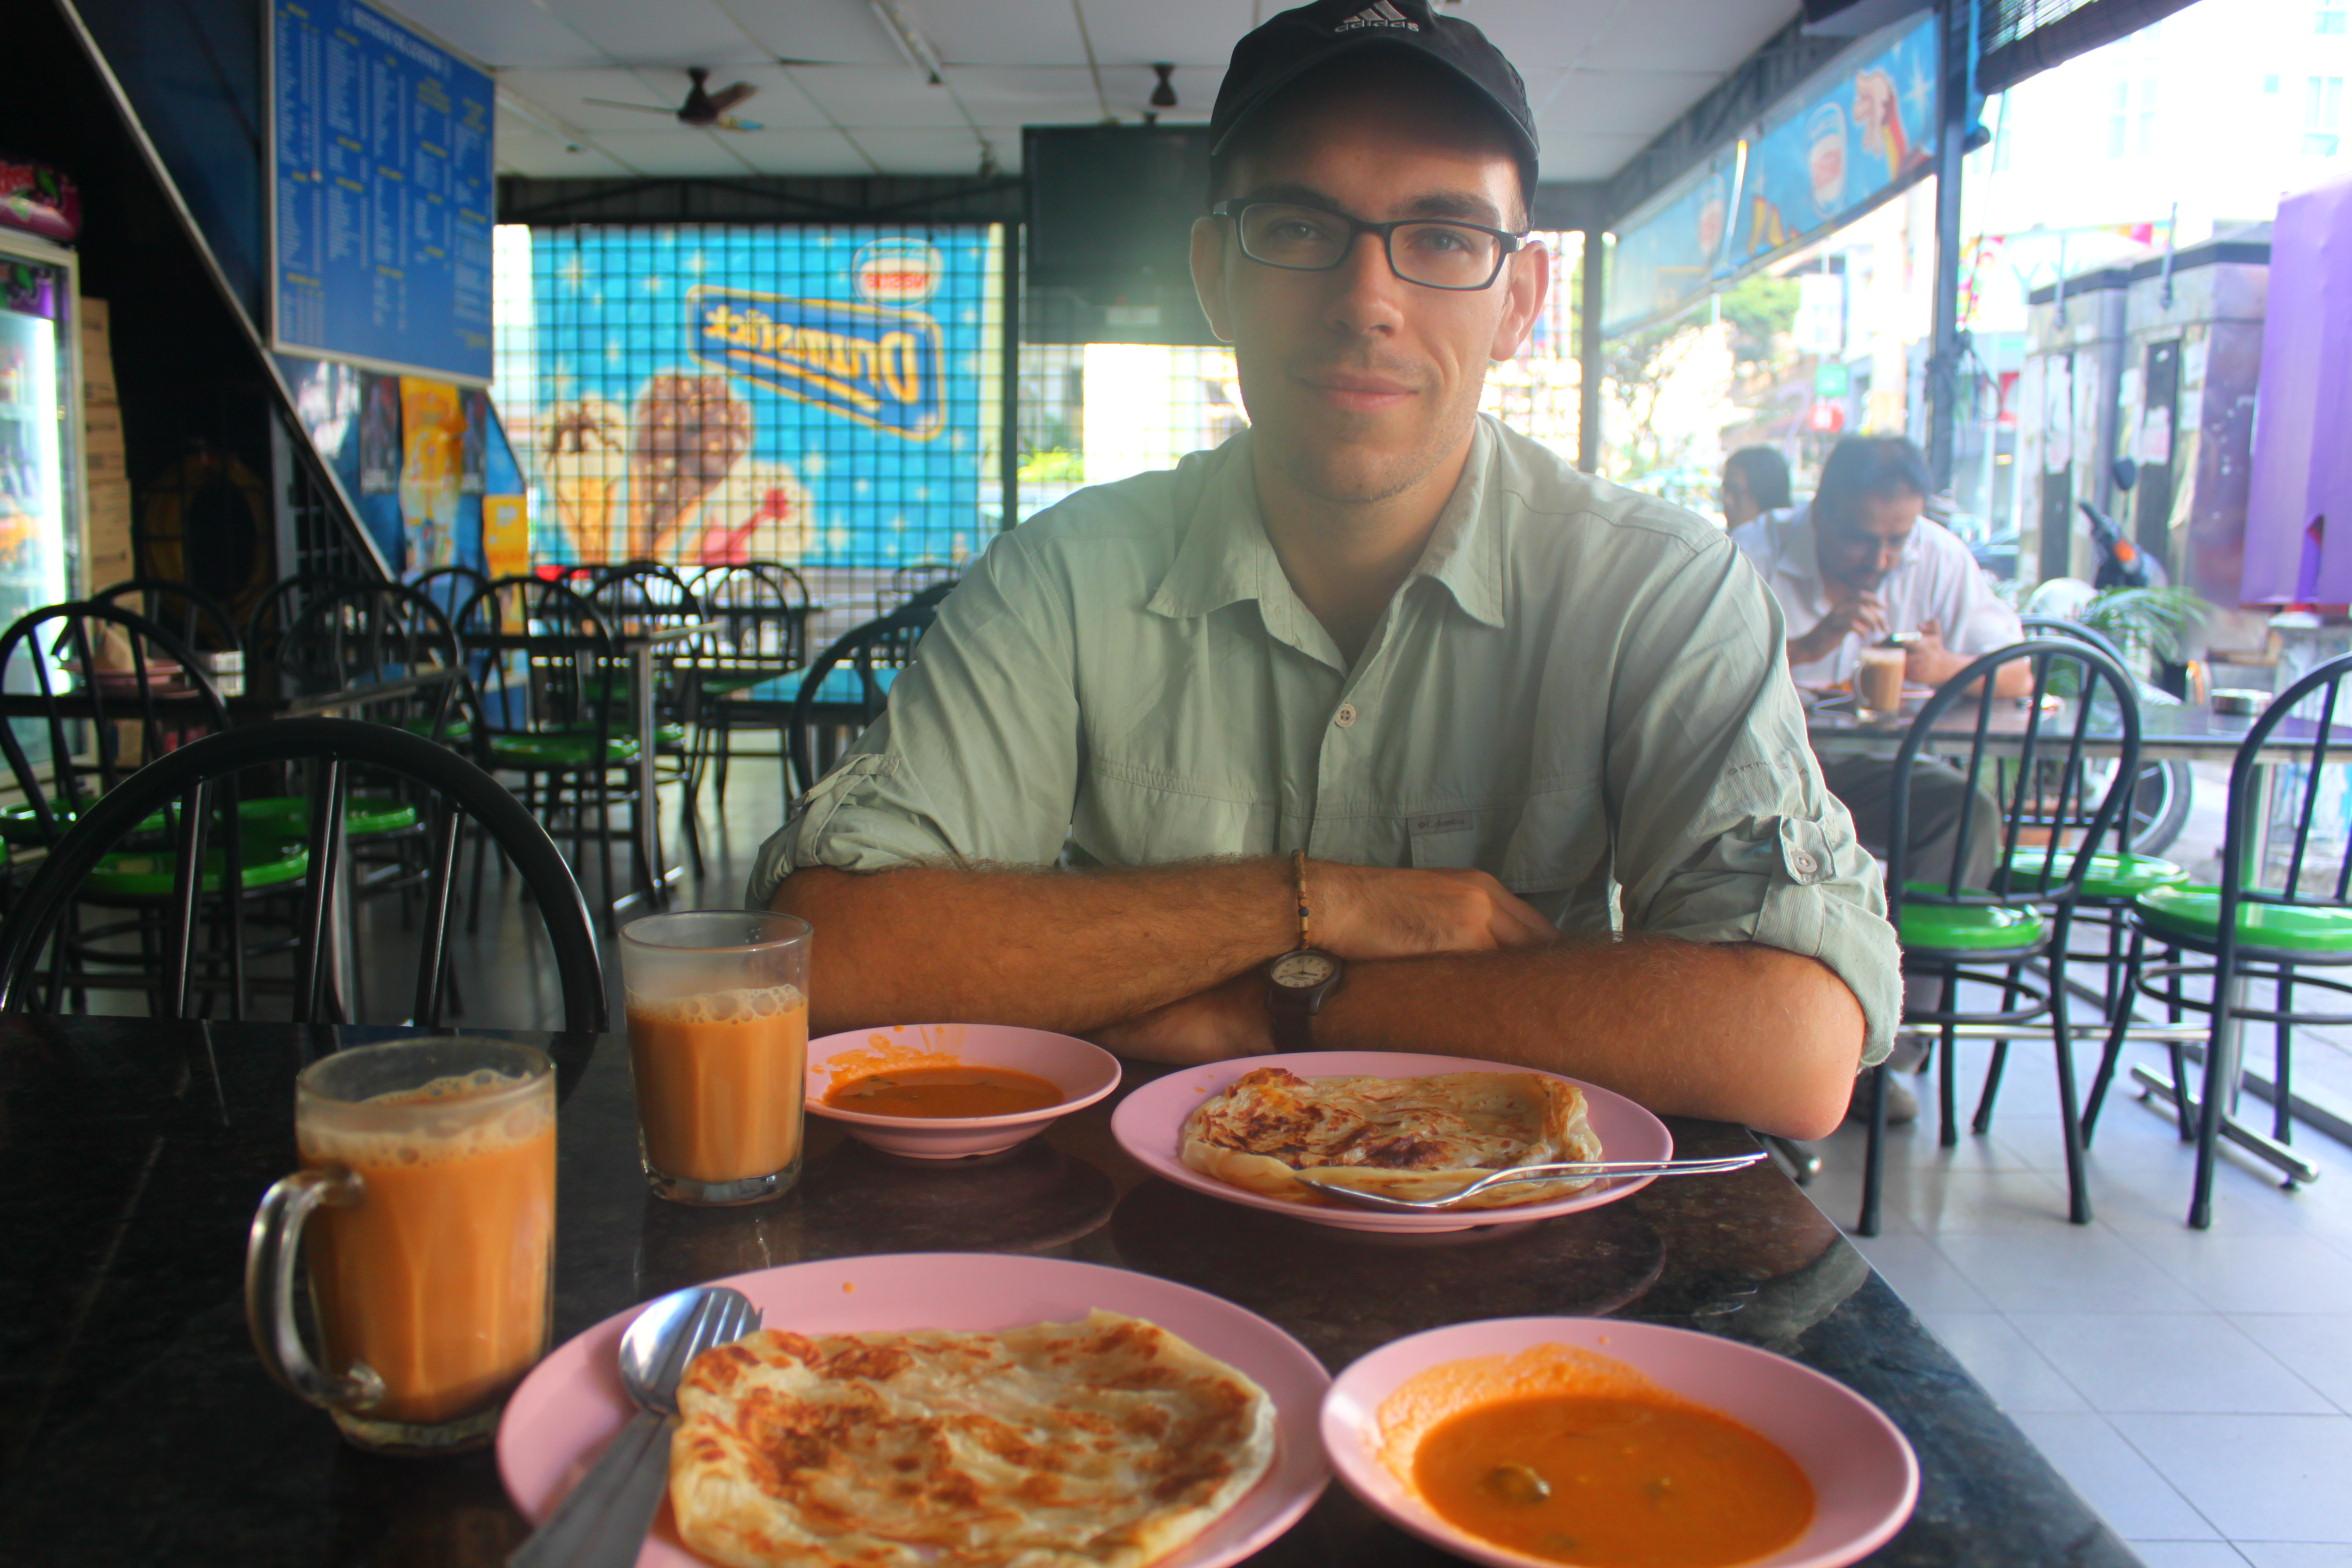 Lunch at Roti Canai